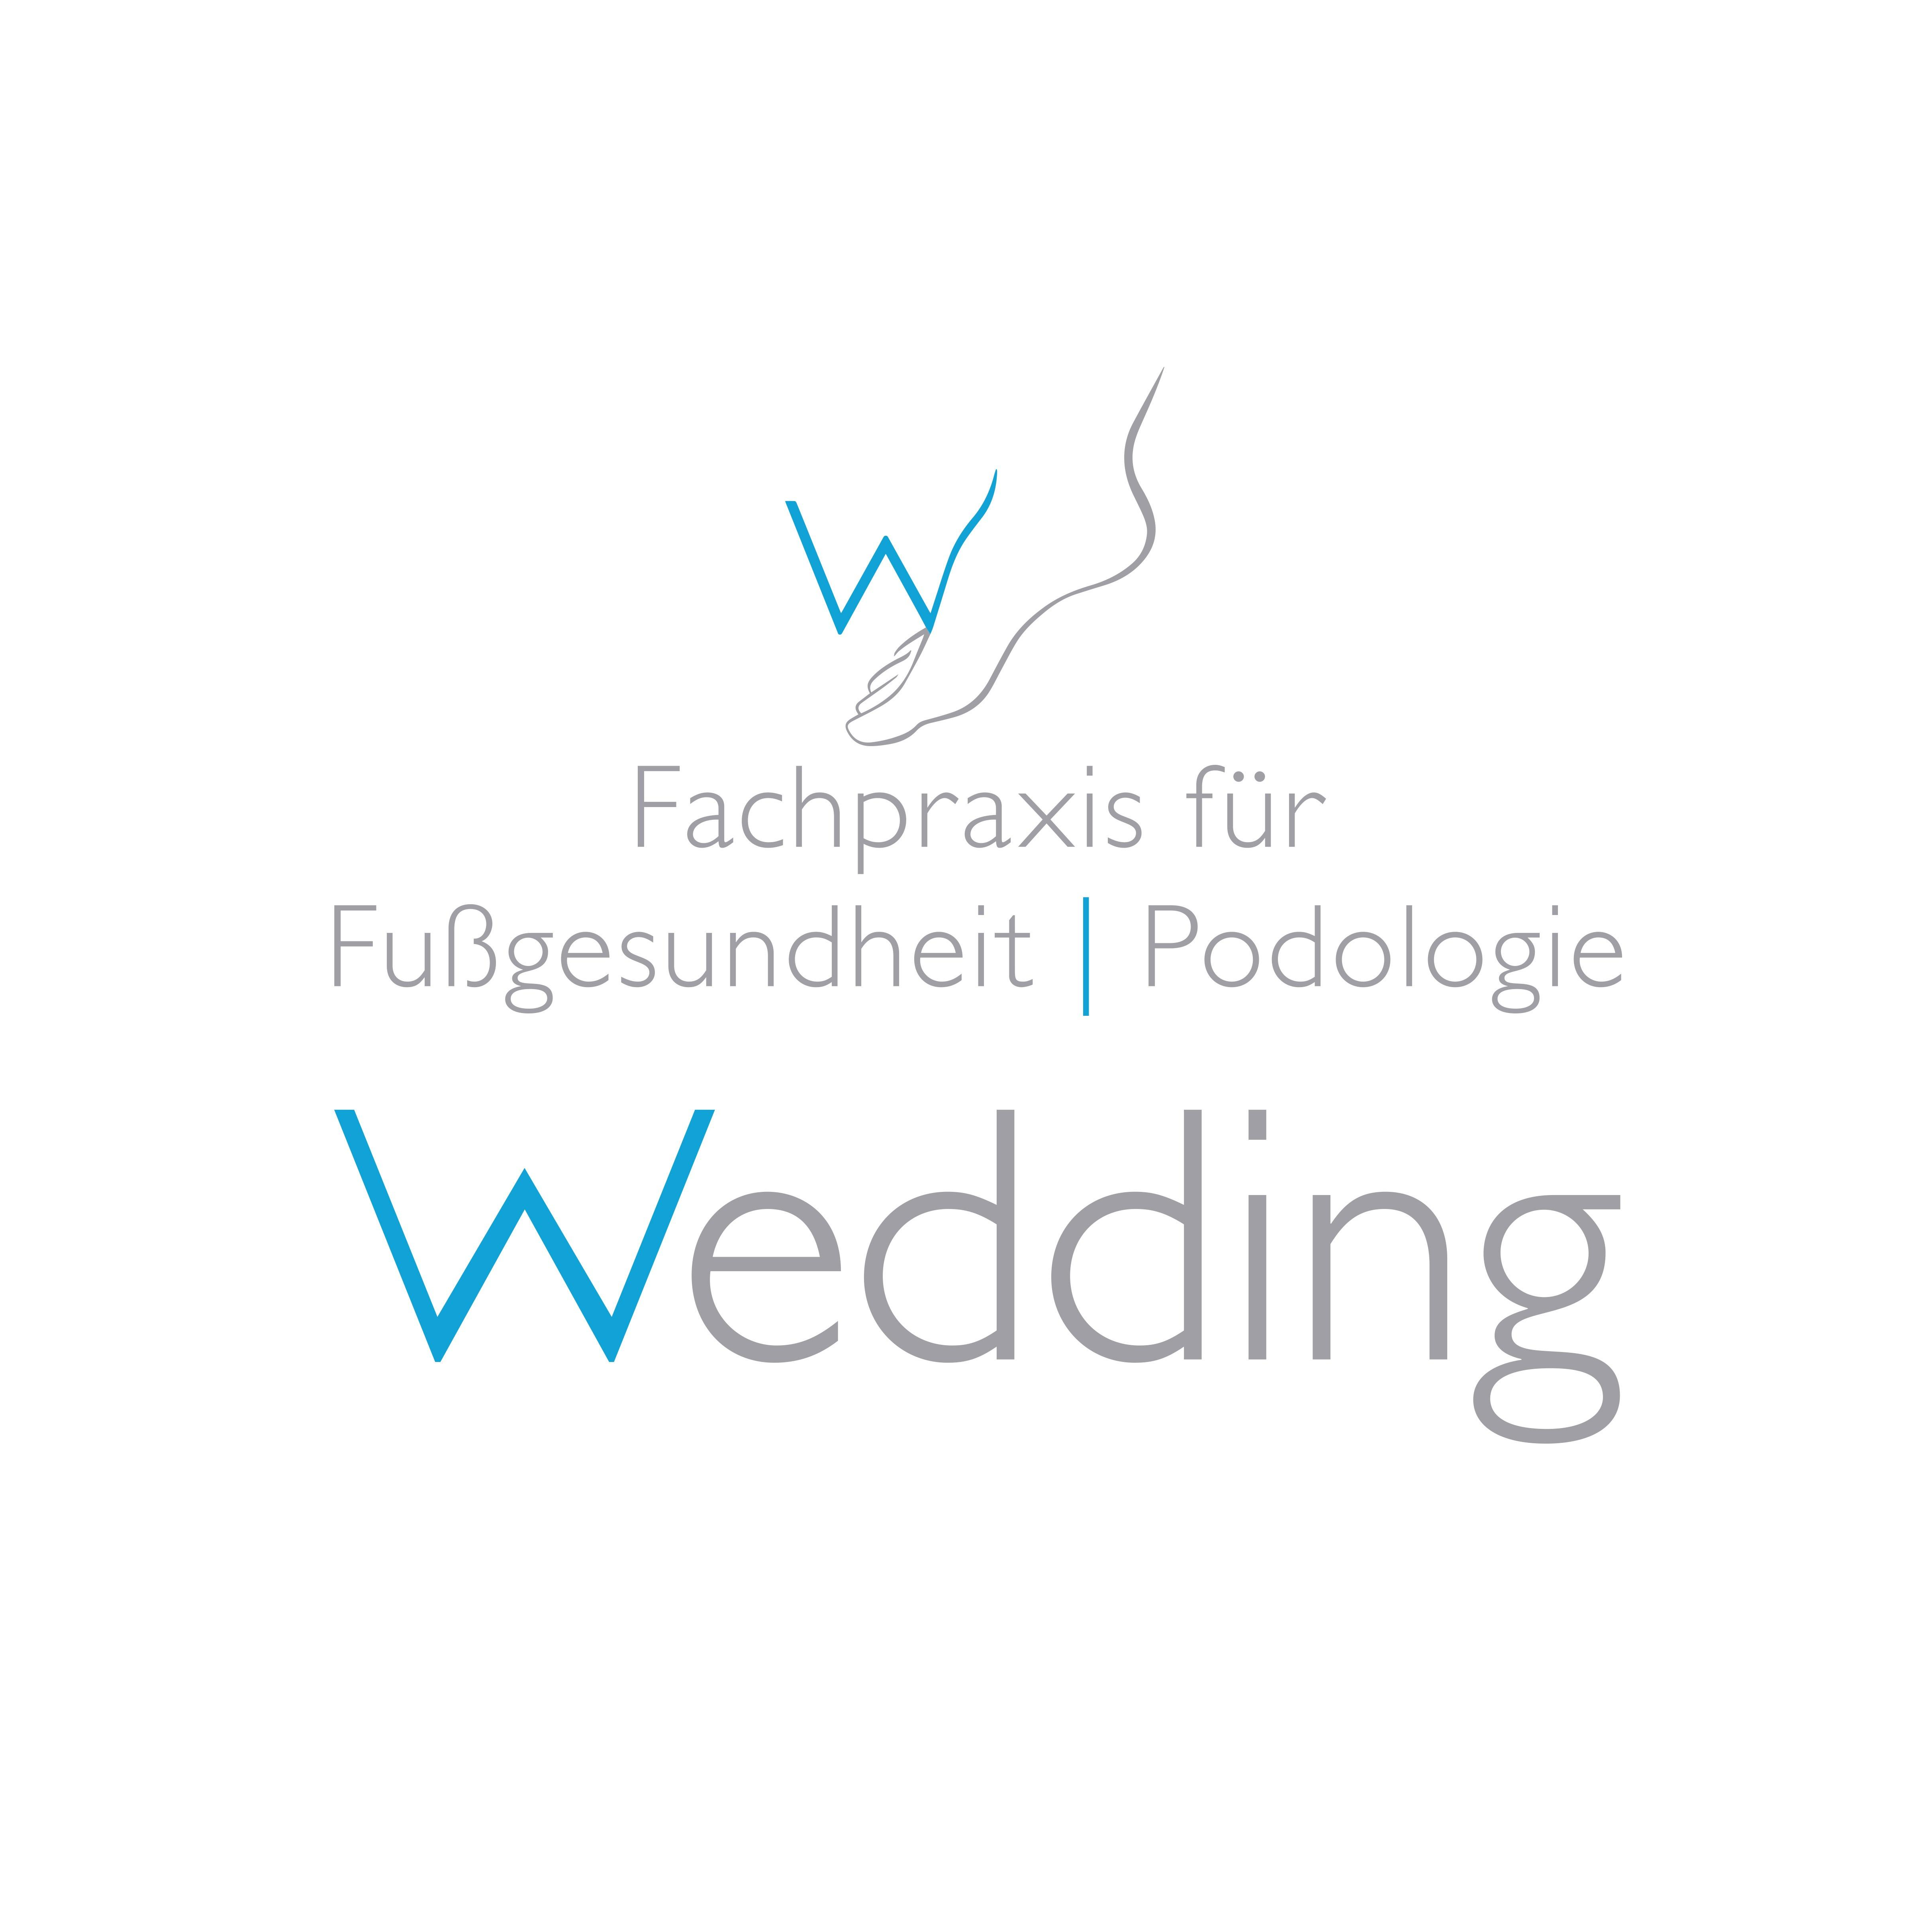 Bild zu Fachpraxis für Fußgesundheit und Podologie Wedding in Essen